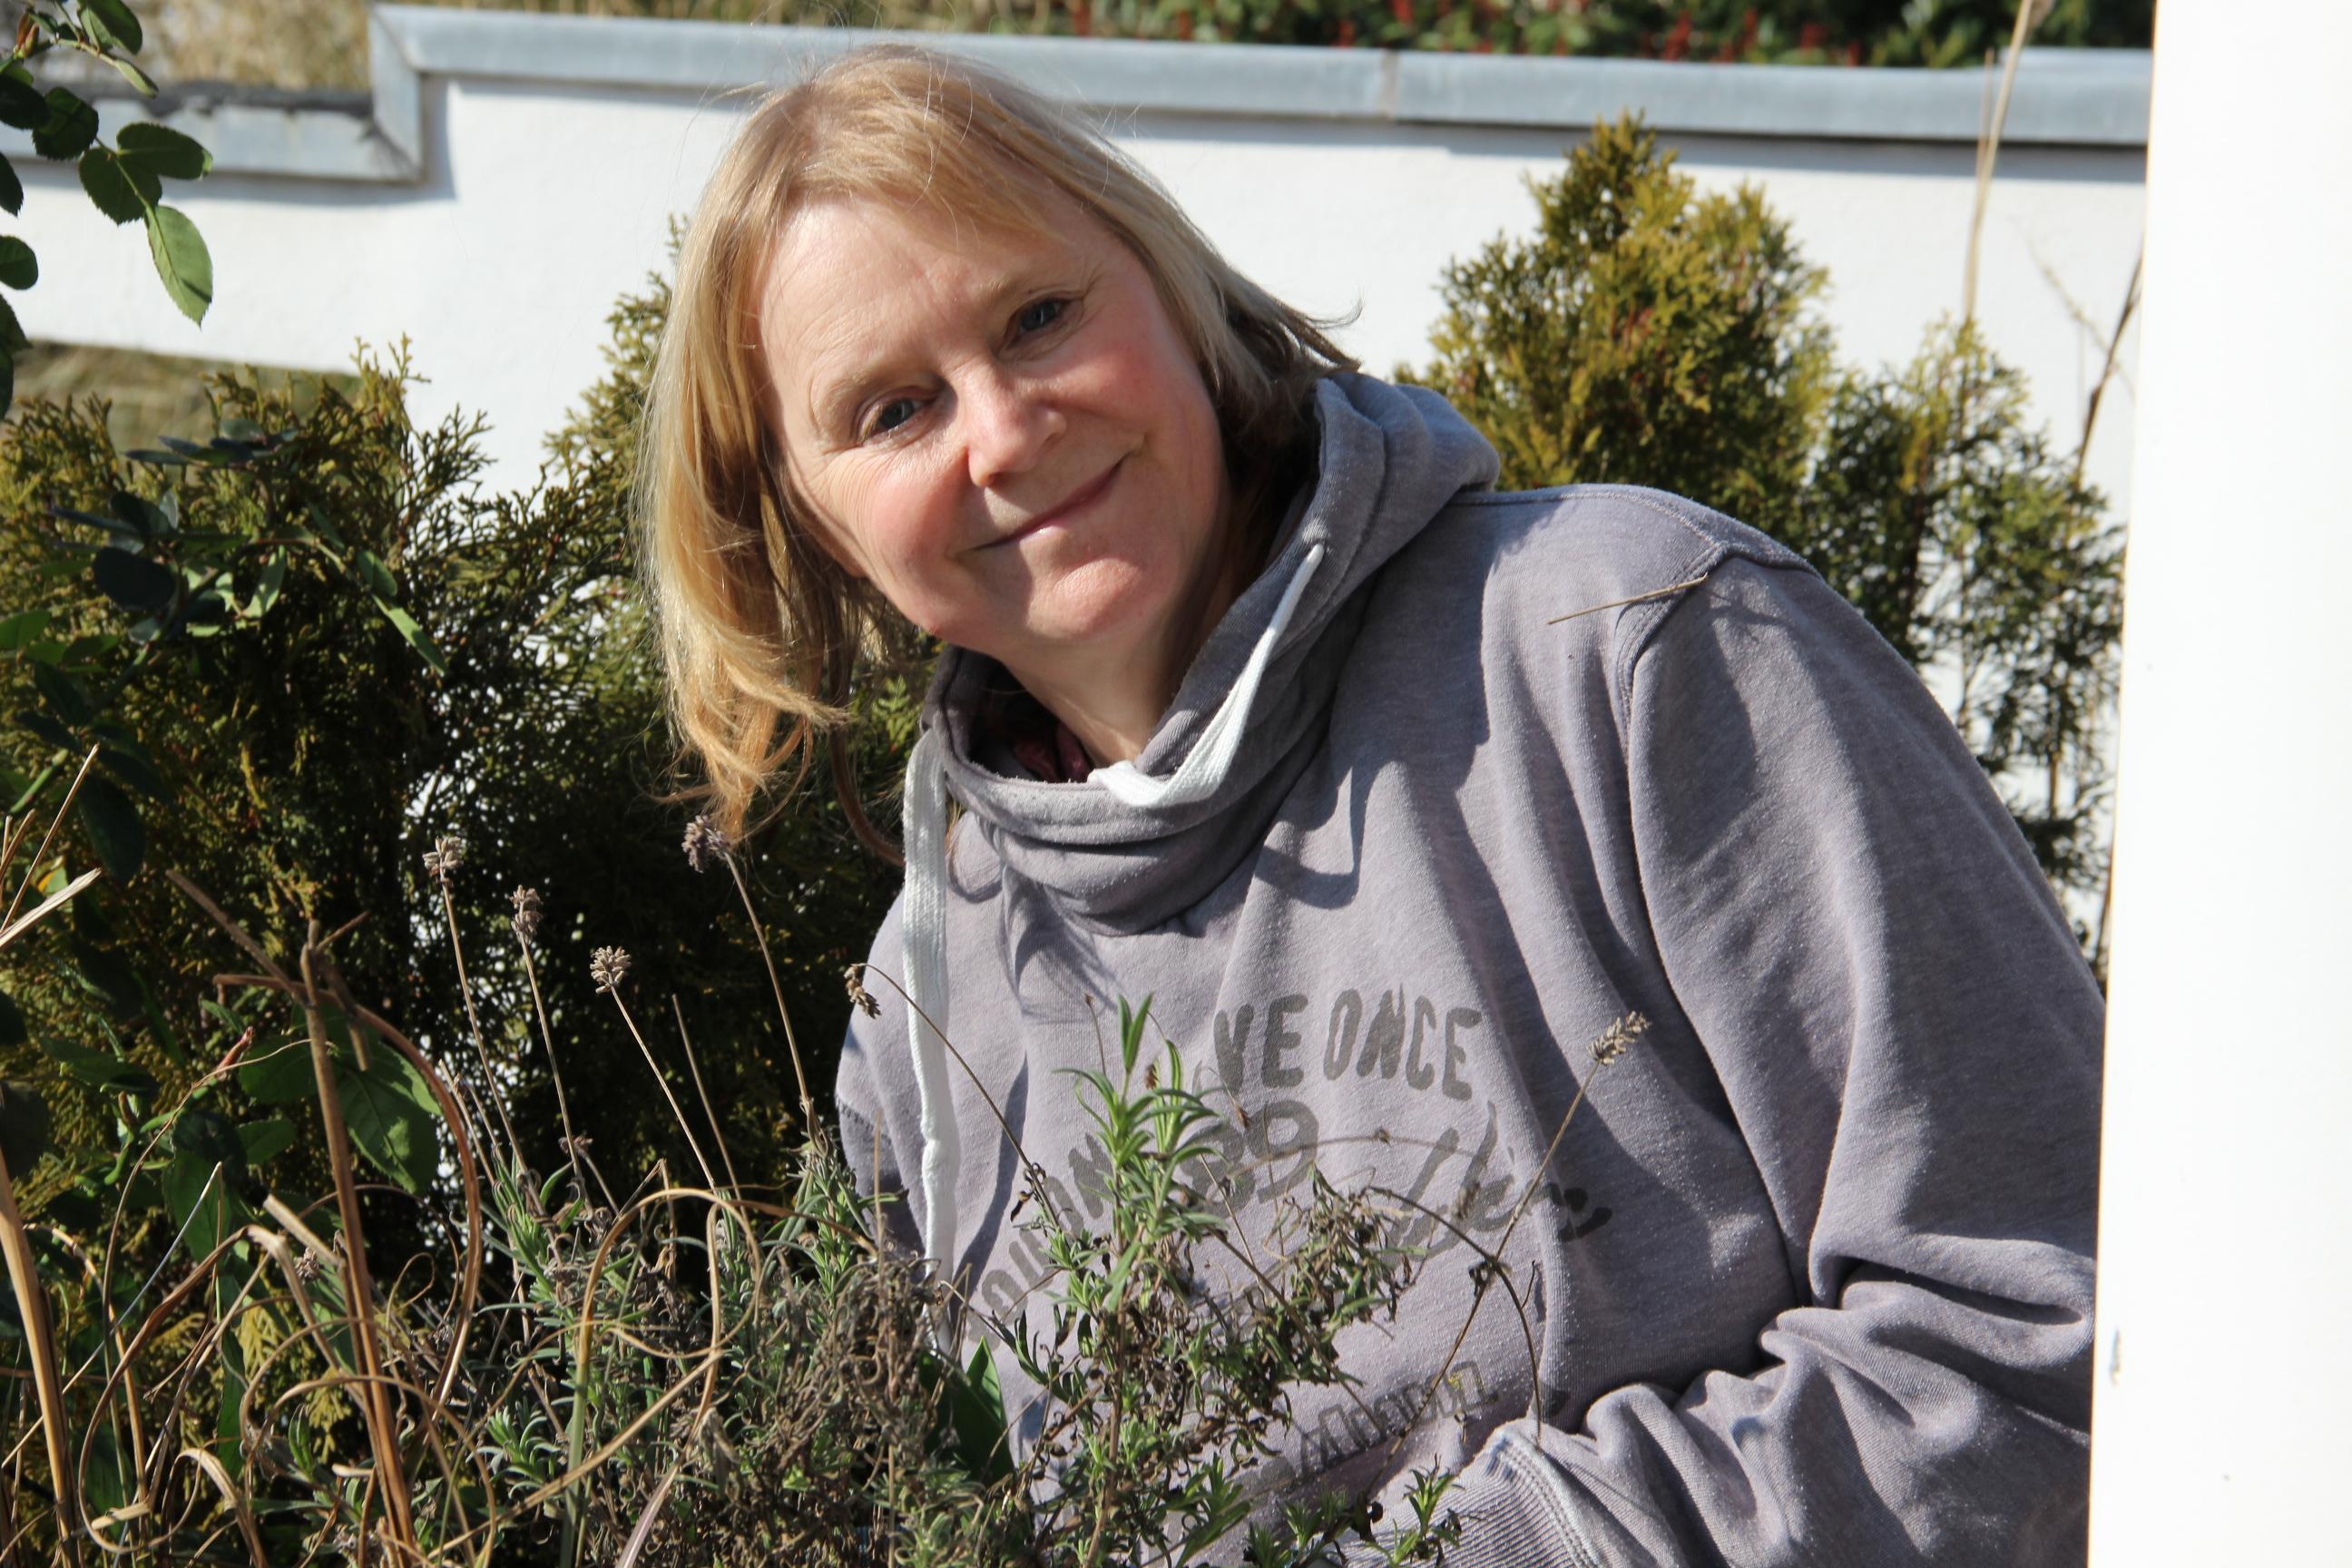 Strohballen Auf Dem Balkon Für Den Gemüseanbau Nutzen Gaertnern Auf Strohballen Gemuese Pflanzen